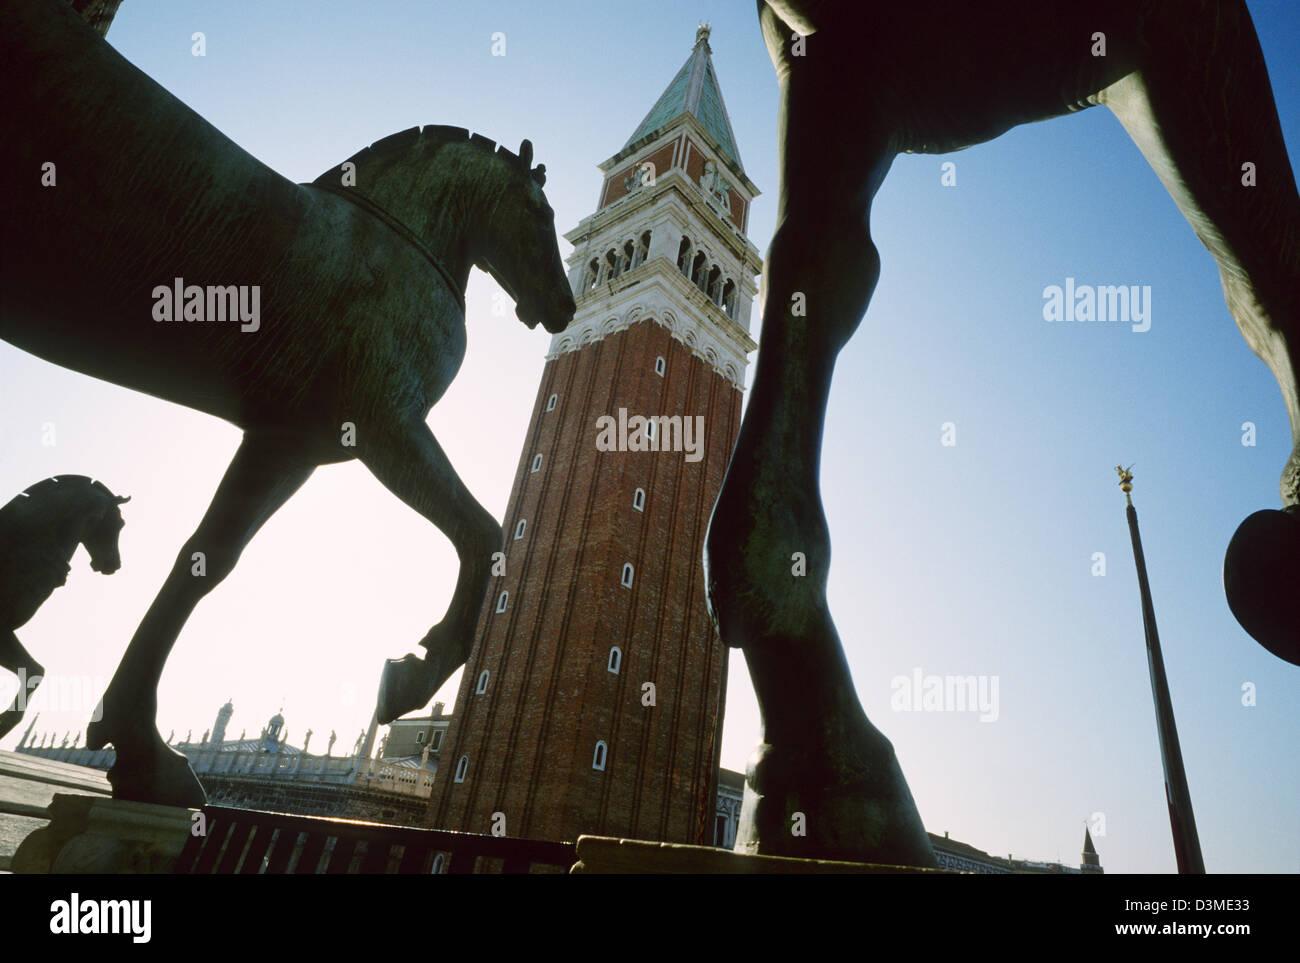 Caballos de Bronce en la Loggia de la Basílica de San Marcos y el ...